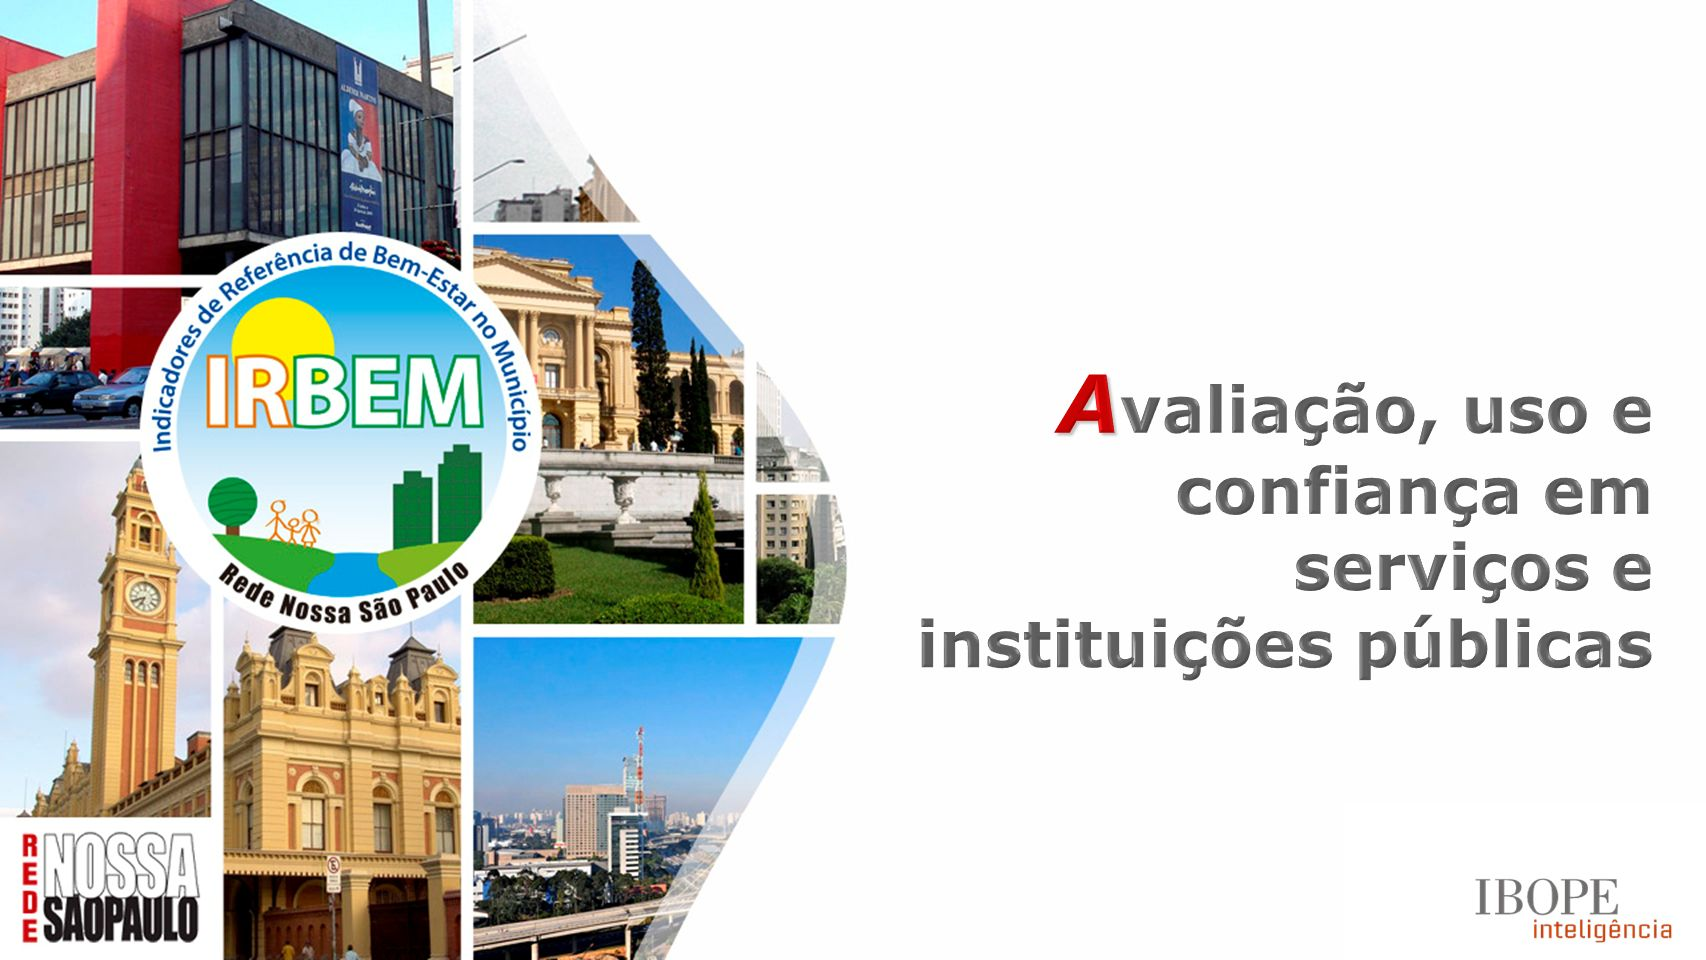 Avaliação, uso e confiança em serviços e instituições públicas